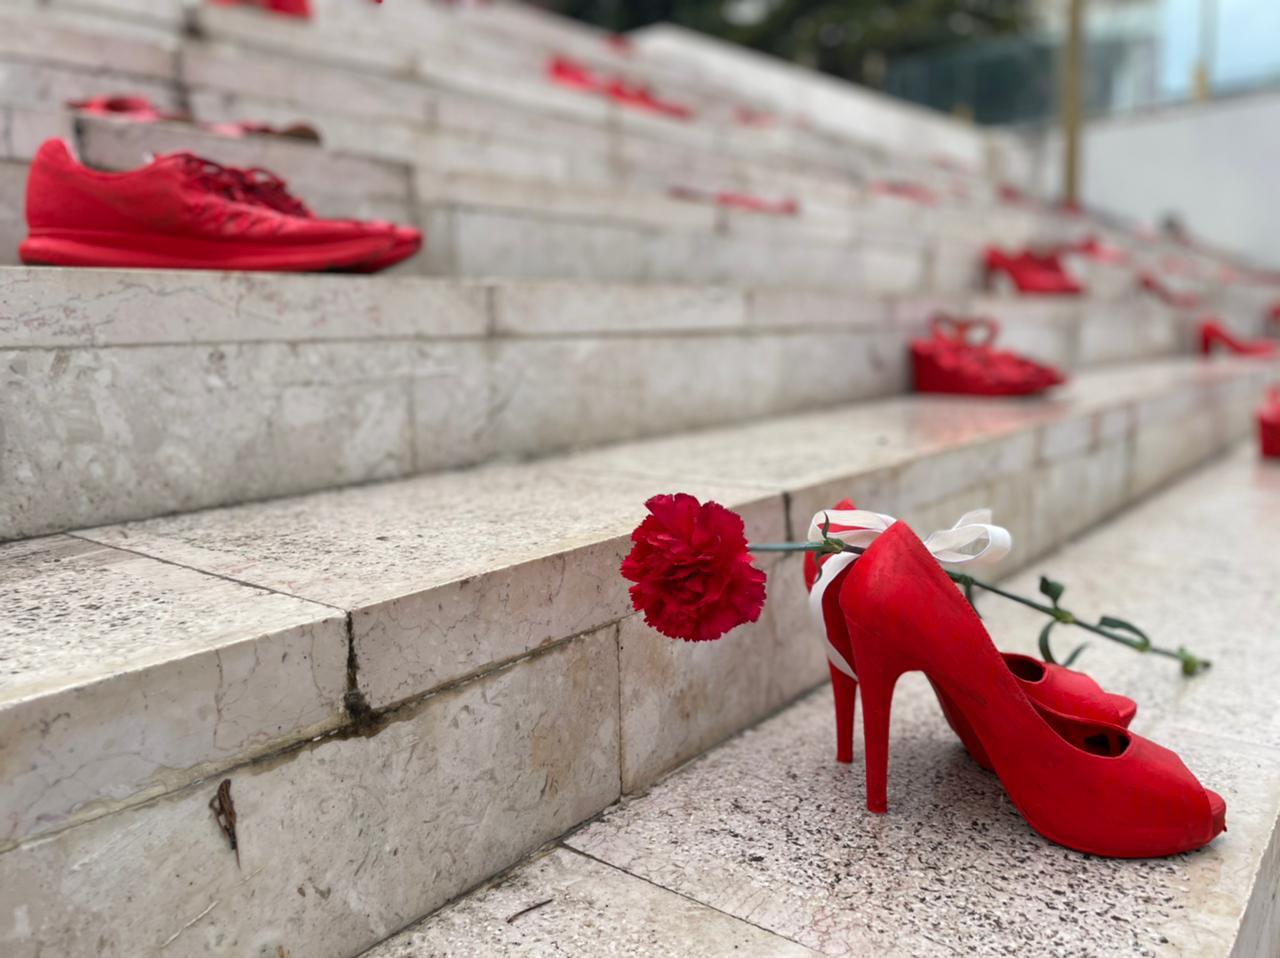 JETË TË MARRA NGA DHUNA/ 8 Marsi ndryshe në qytetin e Durrësit, shkallët e galerisë mbushen me këpucë të kuqe (FOTO)